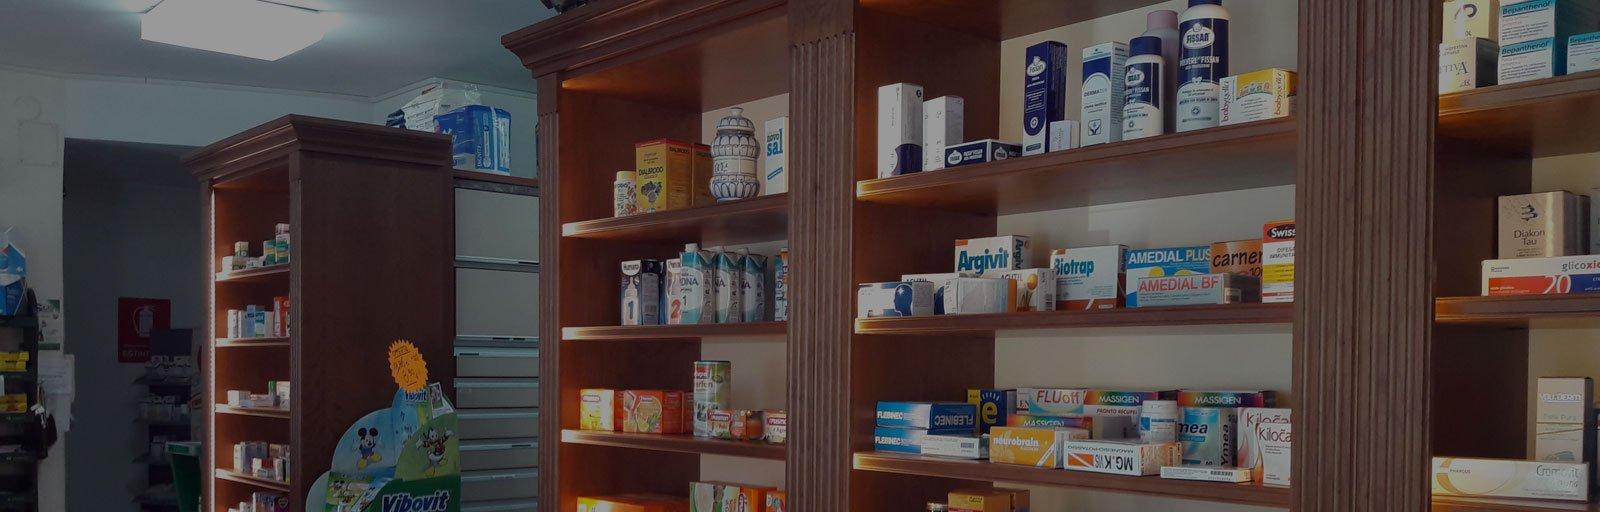 areco_design_arredi_commerciali_farmacie